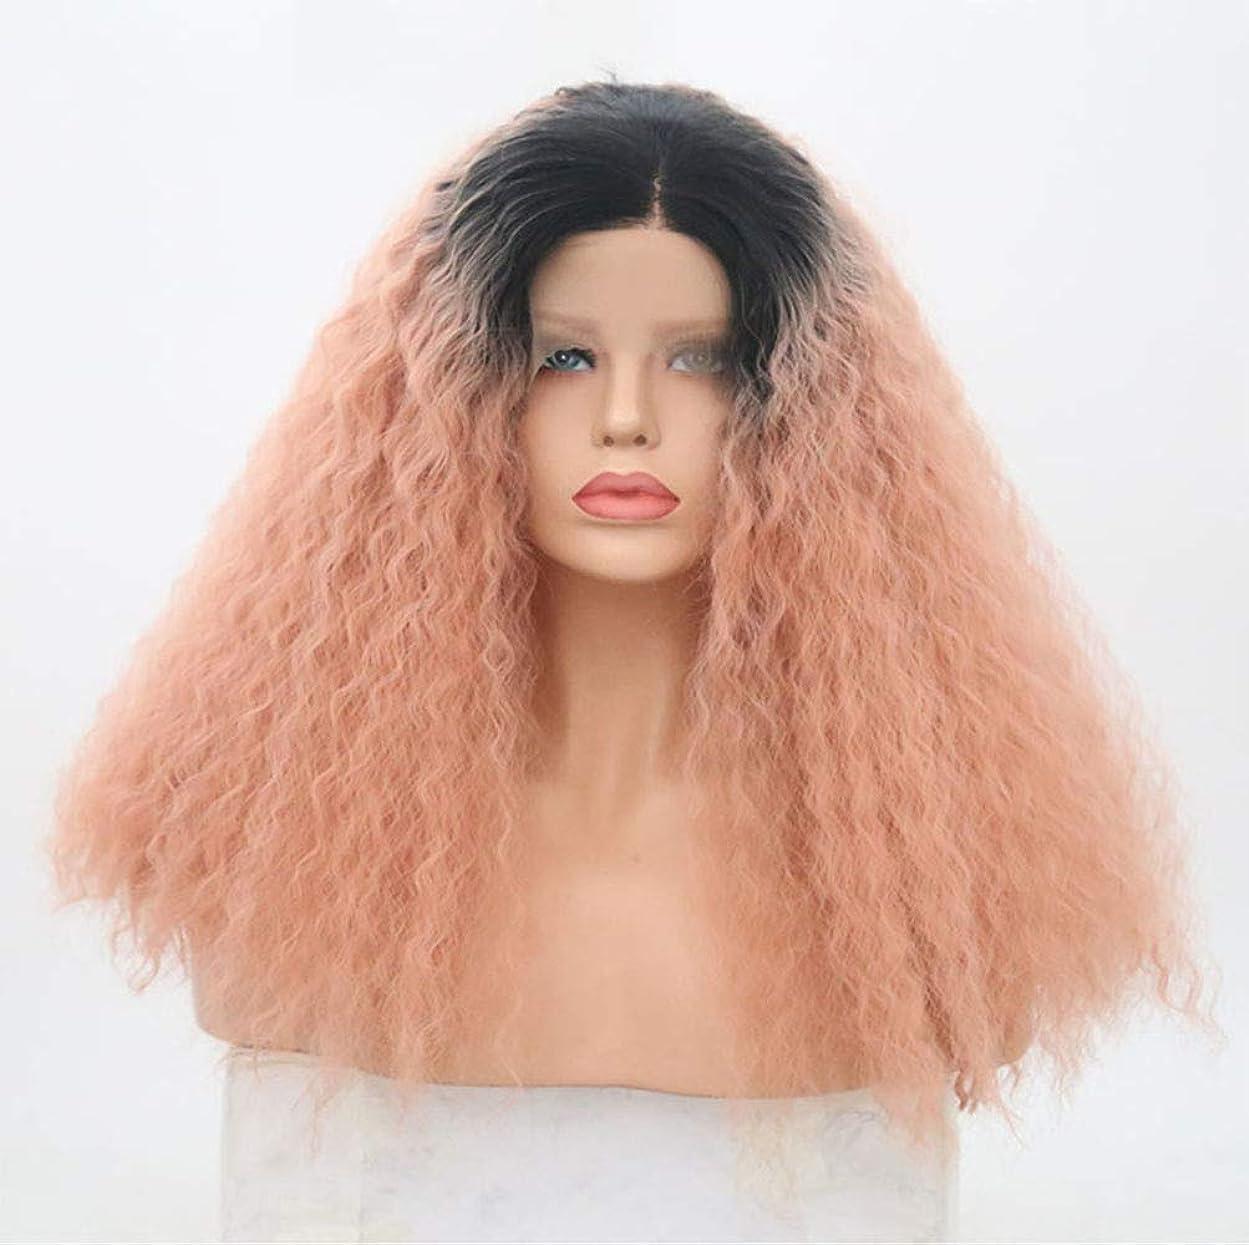 農学似ている退化する女性合成レースフロントウィッグ天然毛髪180%密度長い巻き毛